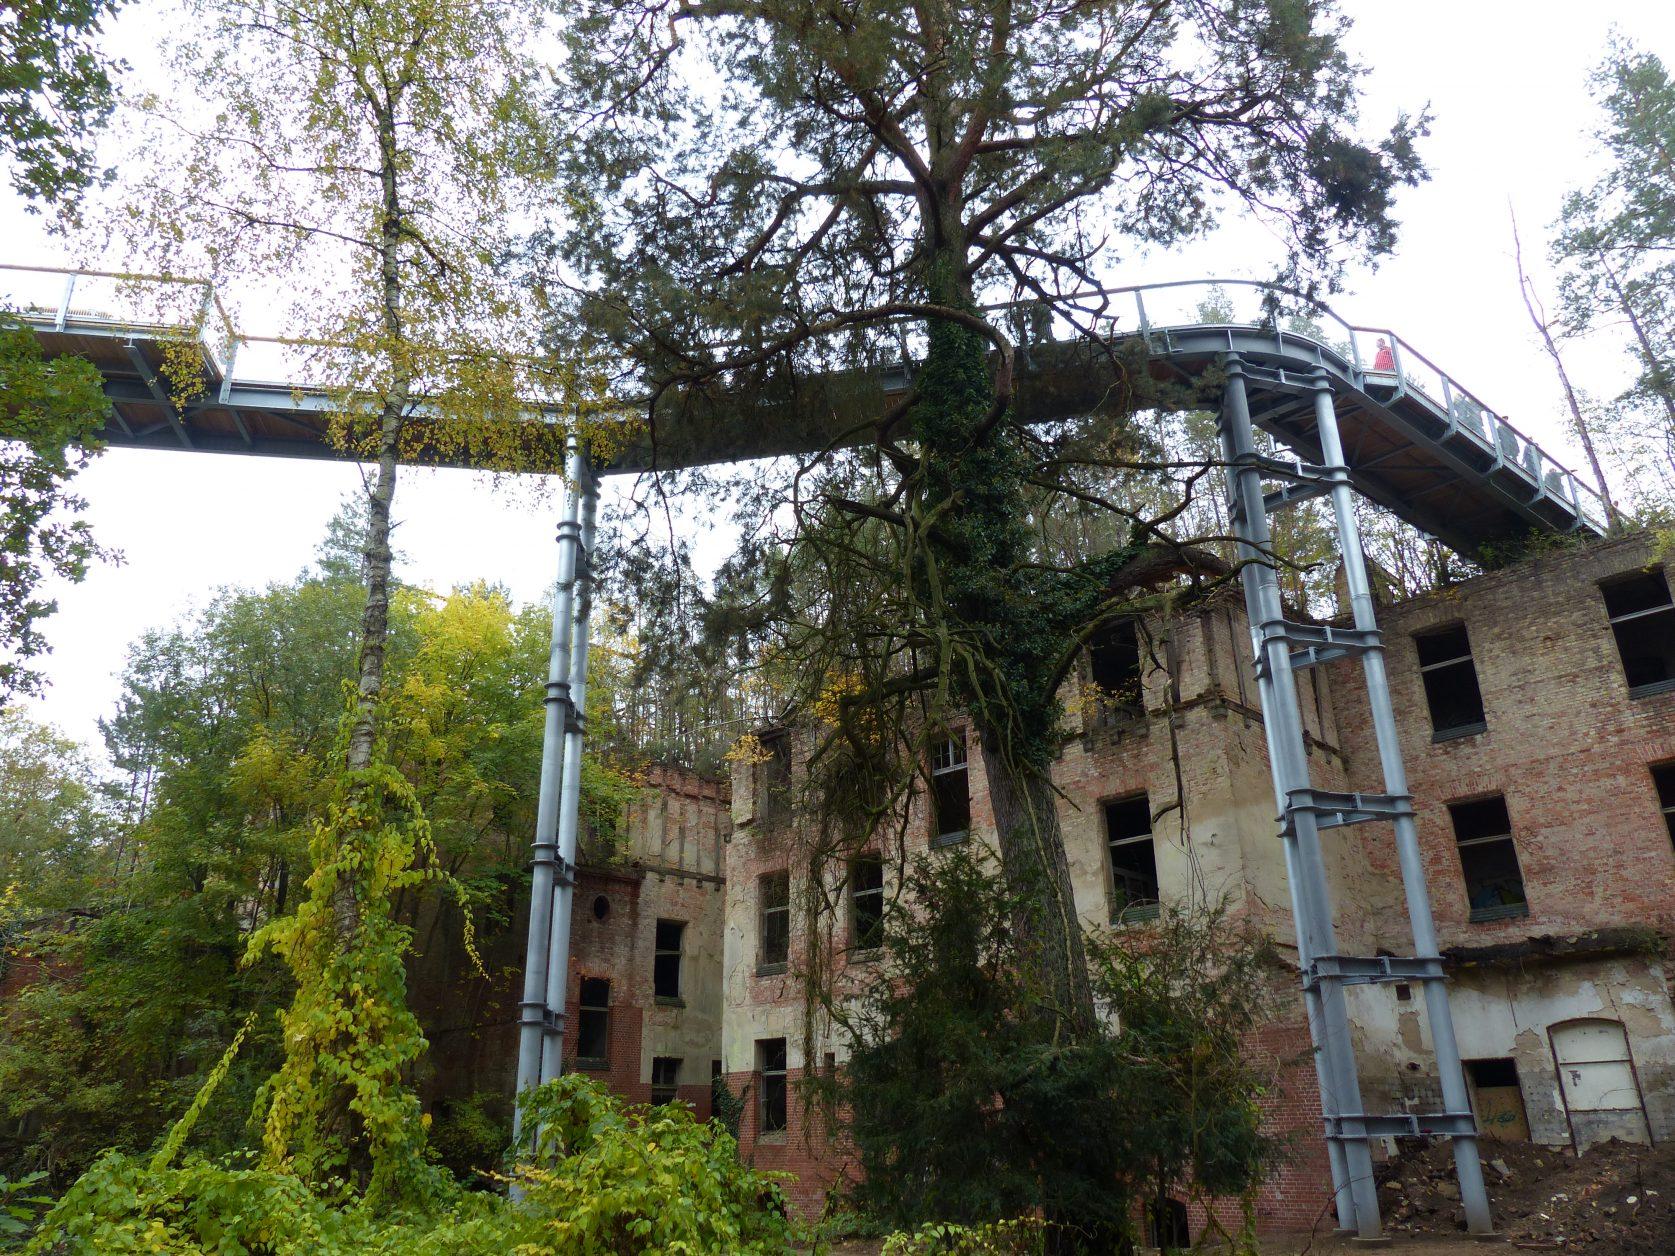 Hoch über den Heilstätten in Beelitz laufen, Foto: Dieter Weirauch